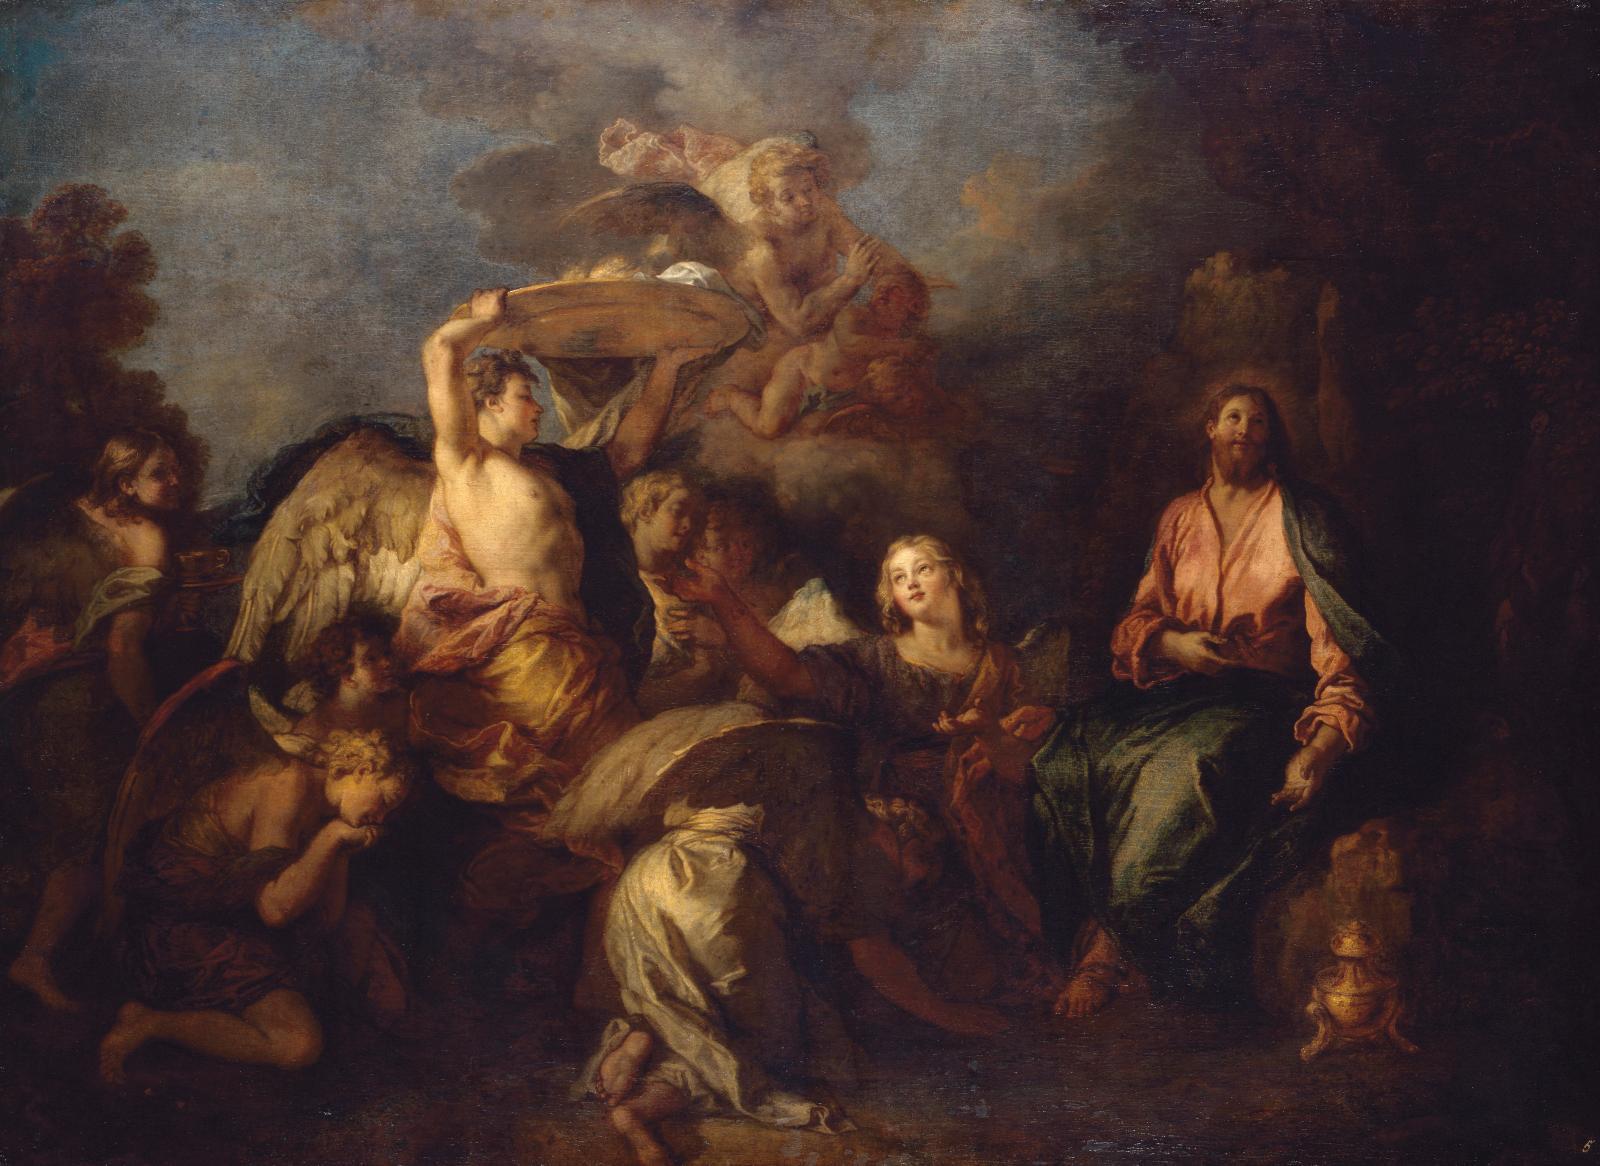 Charles de La Fosse, Le Christ dans le désert entouré d'anges (détail), vers 1690, musée d'État de l'Ermitage, Saint-Pétersbourg. Soucieux